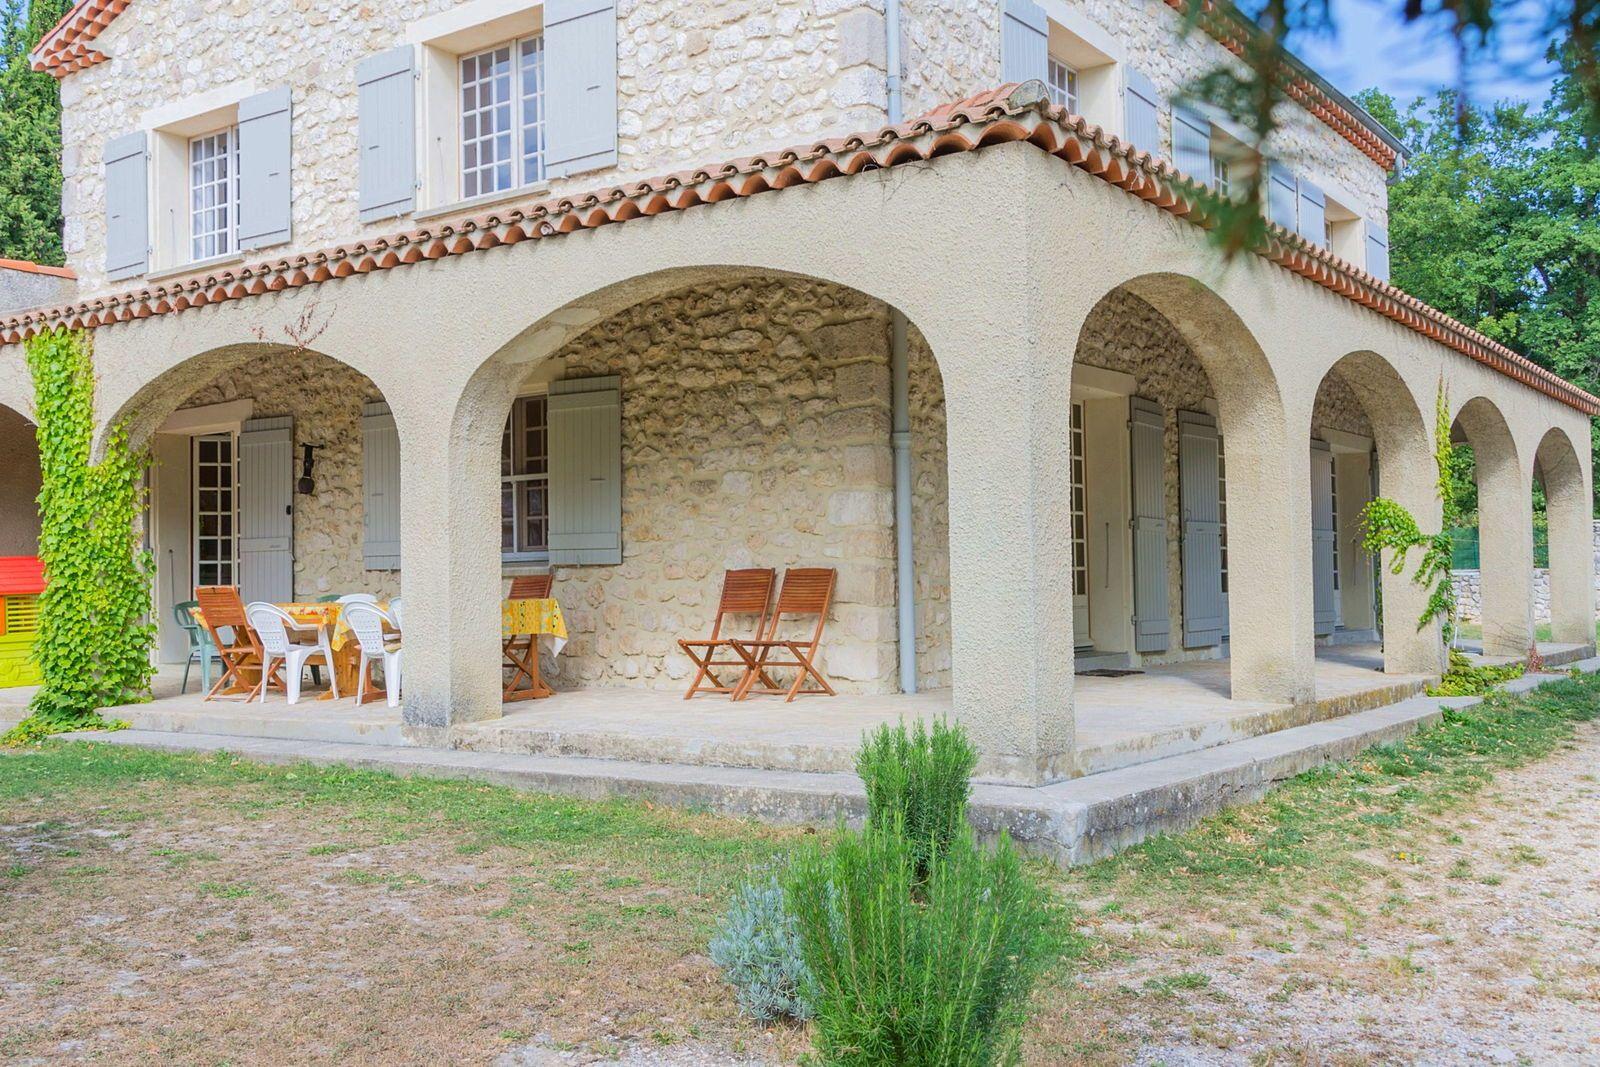 La maison d'Aimé: location d'un gîte familial de 6chambres, 14couchages en Drôme provençale, Salles-sous-Bois (26)